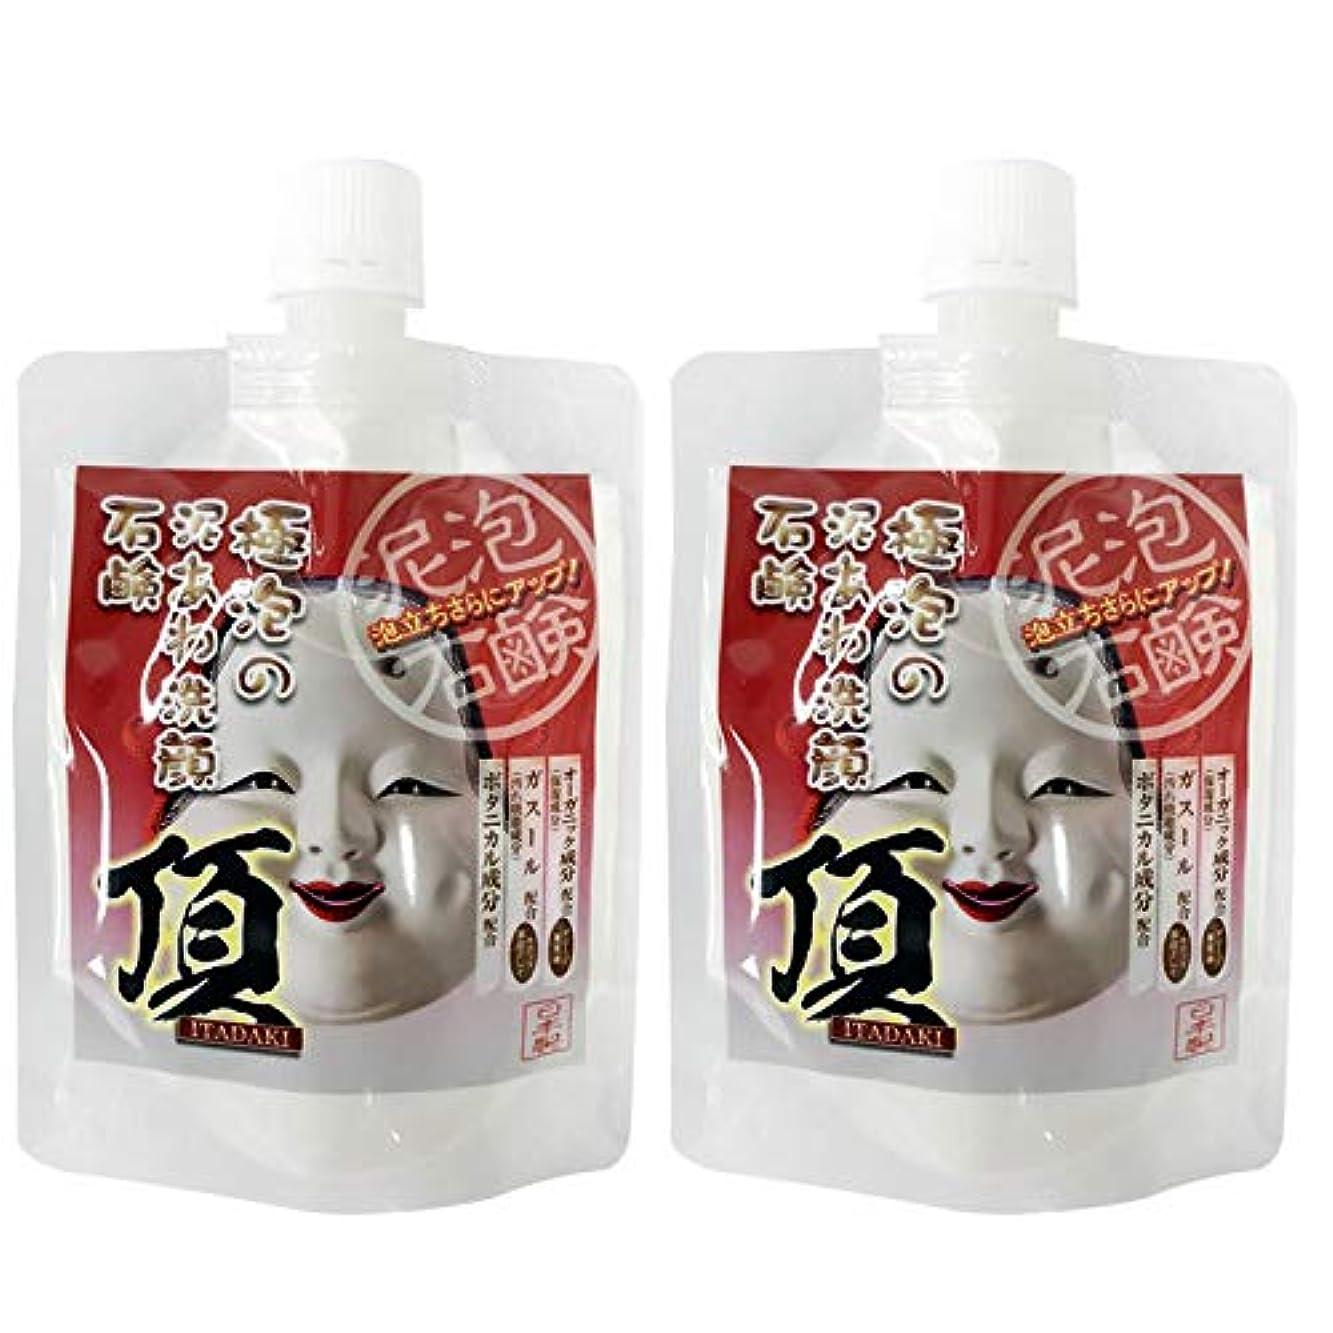 百宣言するジョリー極泡の泥あわ洗顔石鹸 頂 130g×2 ガスール 豆乳 ボタニカル 酒粕 エキス配合